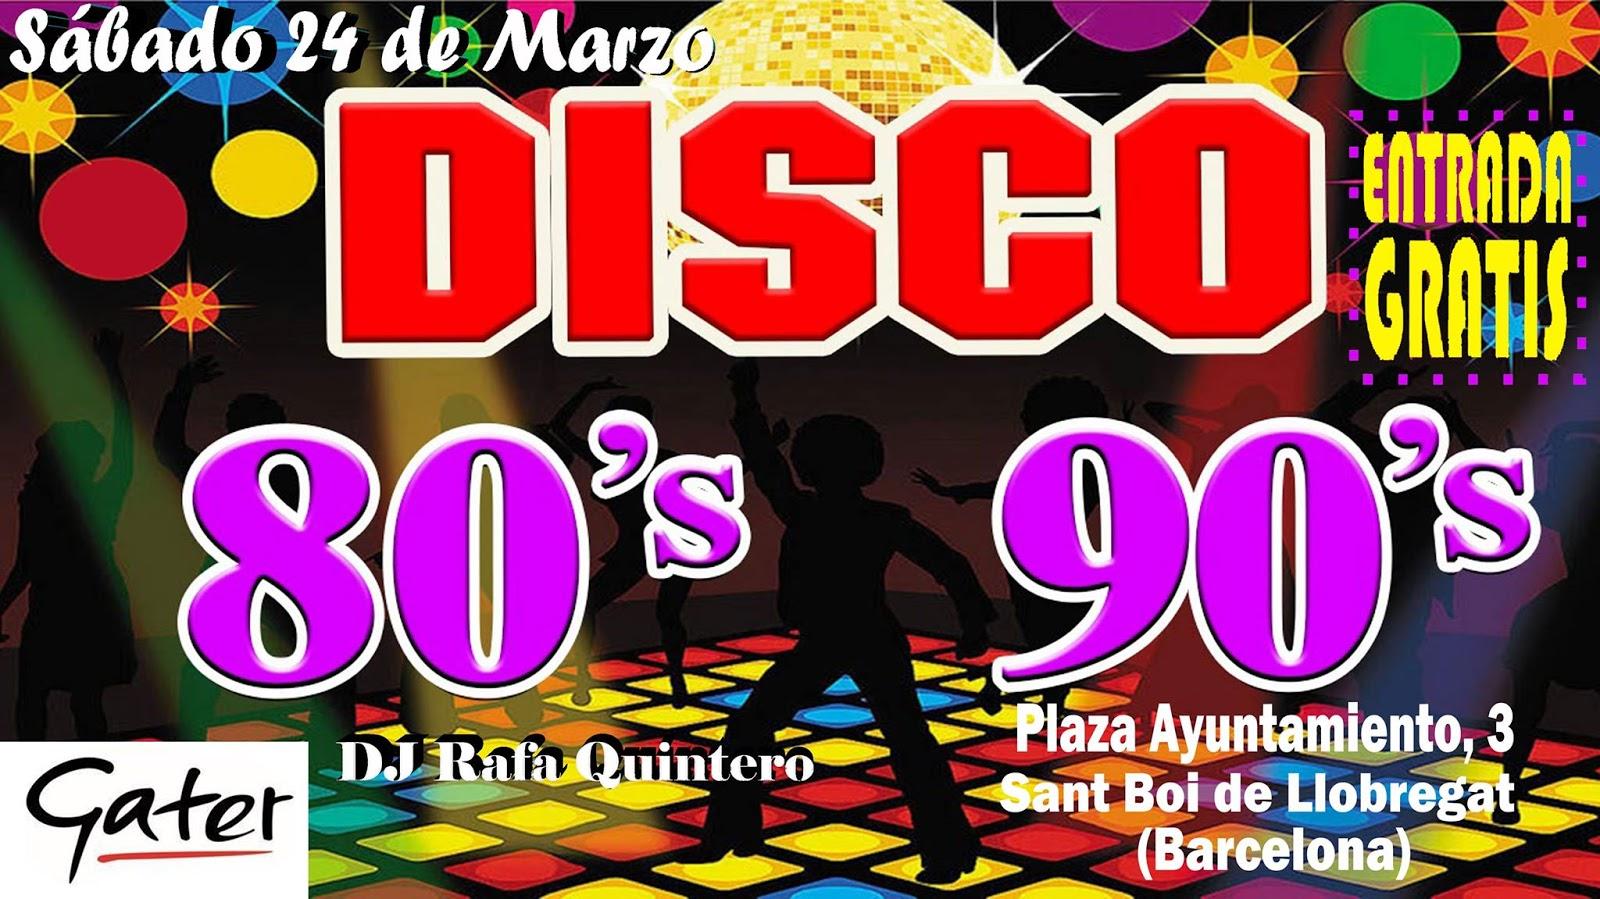 Flyer Fiesta 80s 90s (Entrada Gratis)